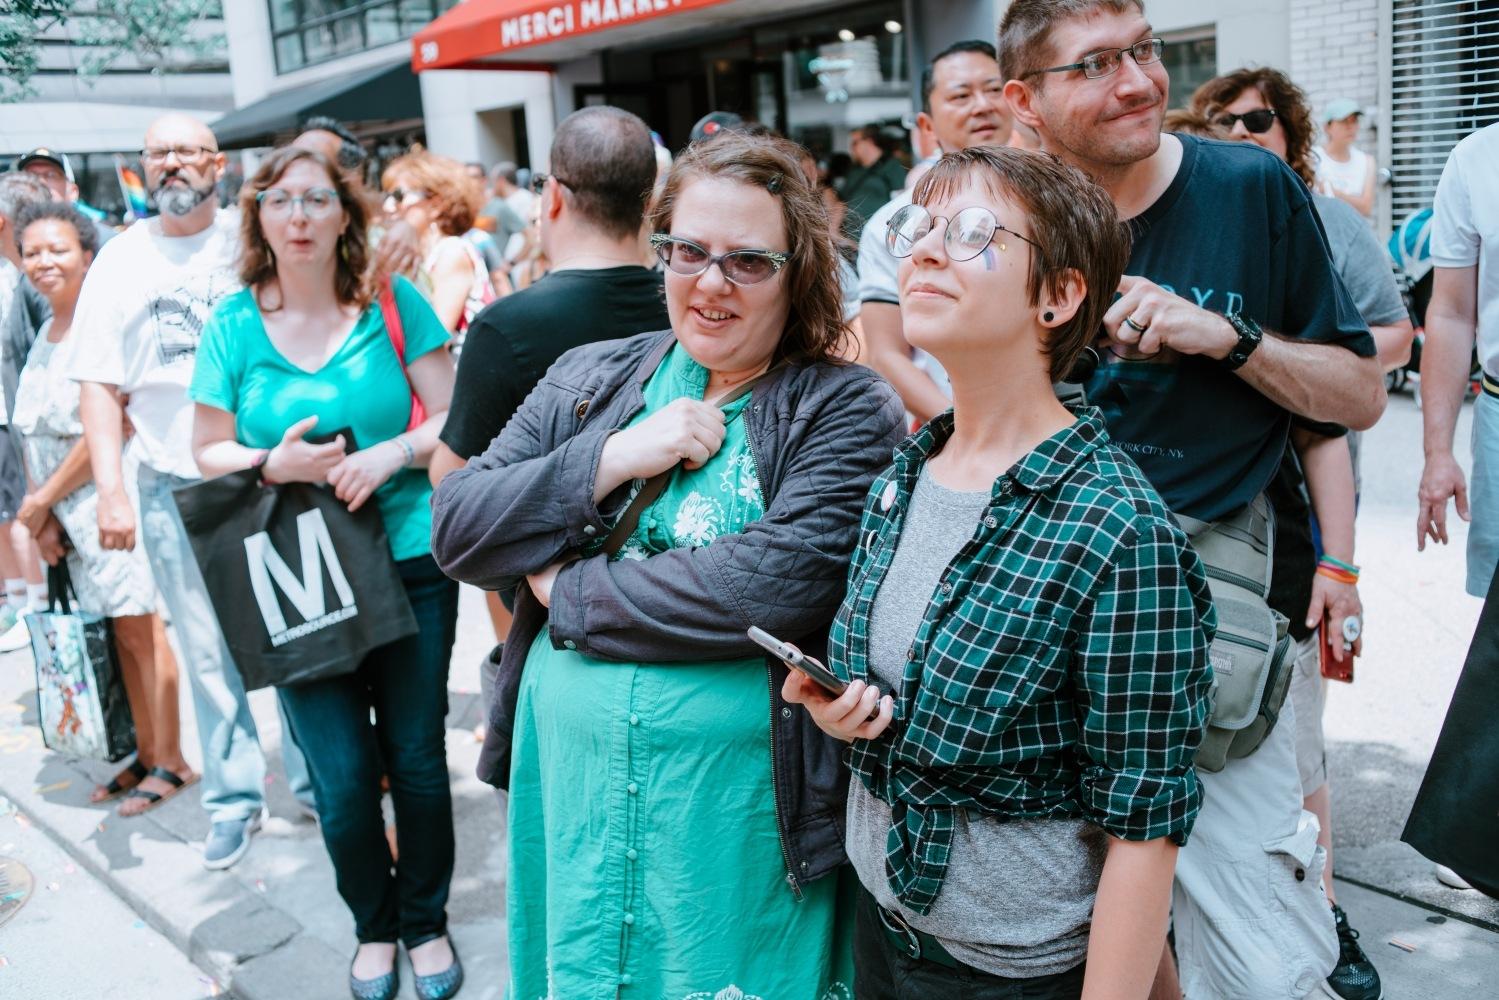 Pride NYC / Manhattan / Sony A7 RII by Neil Carpenter